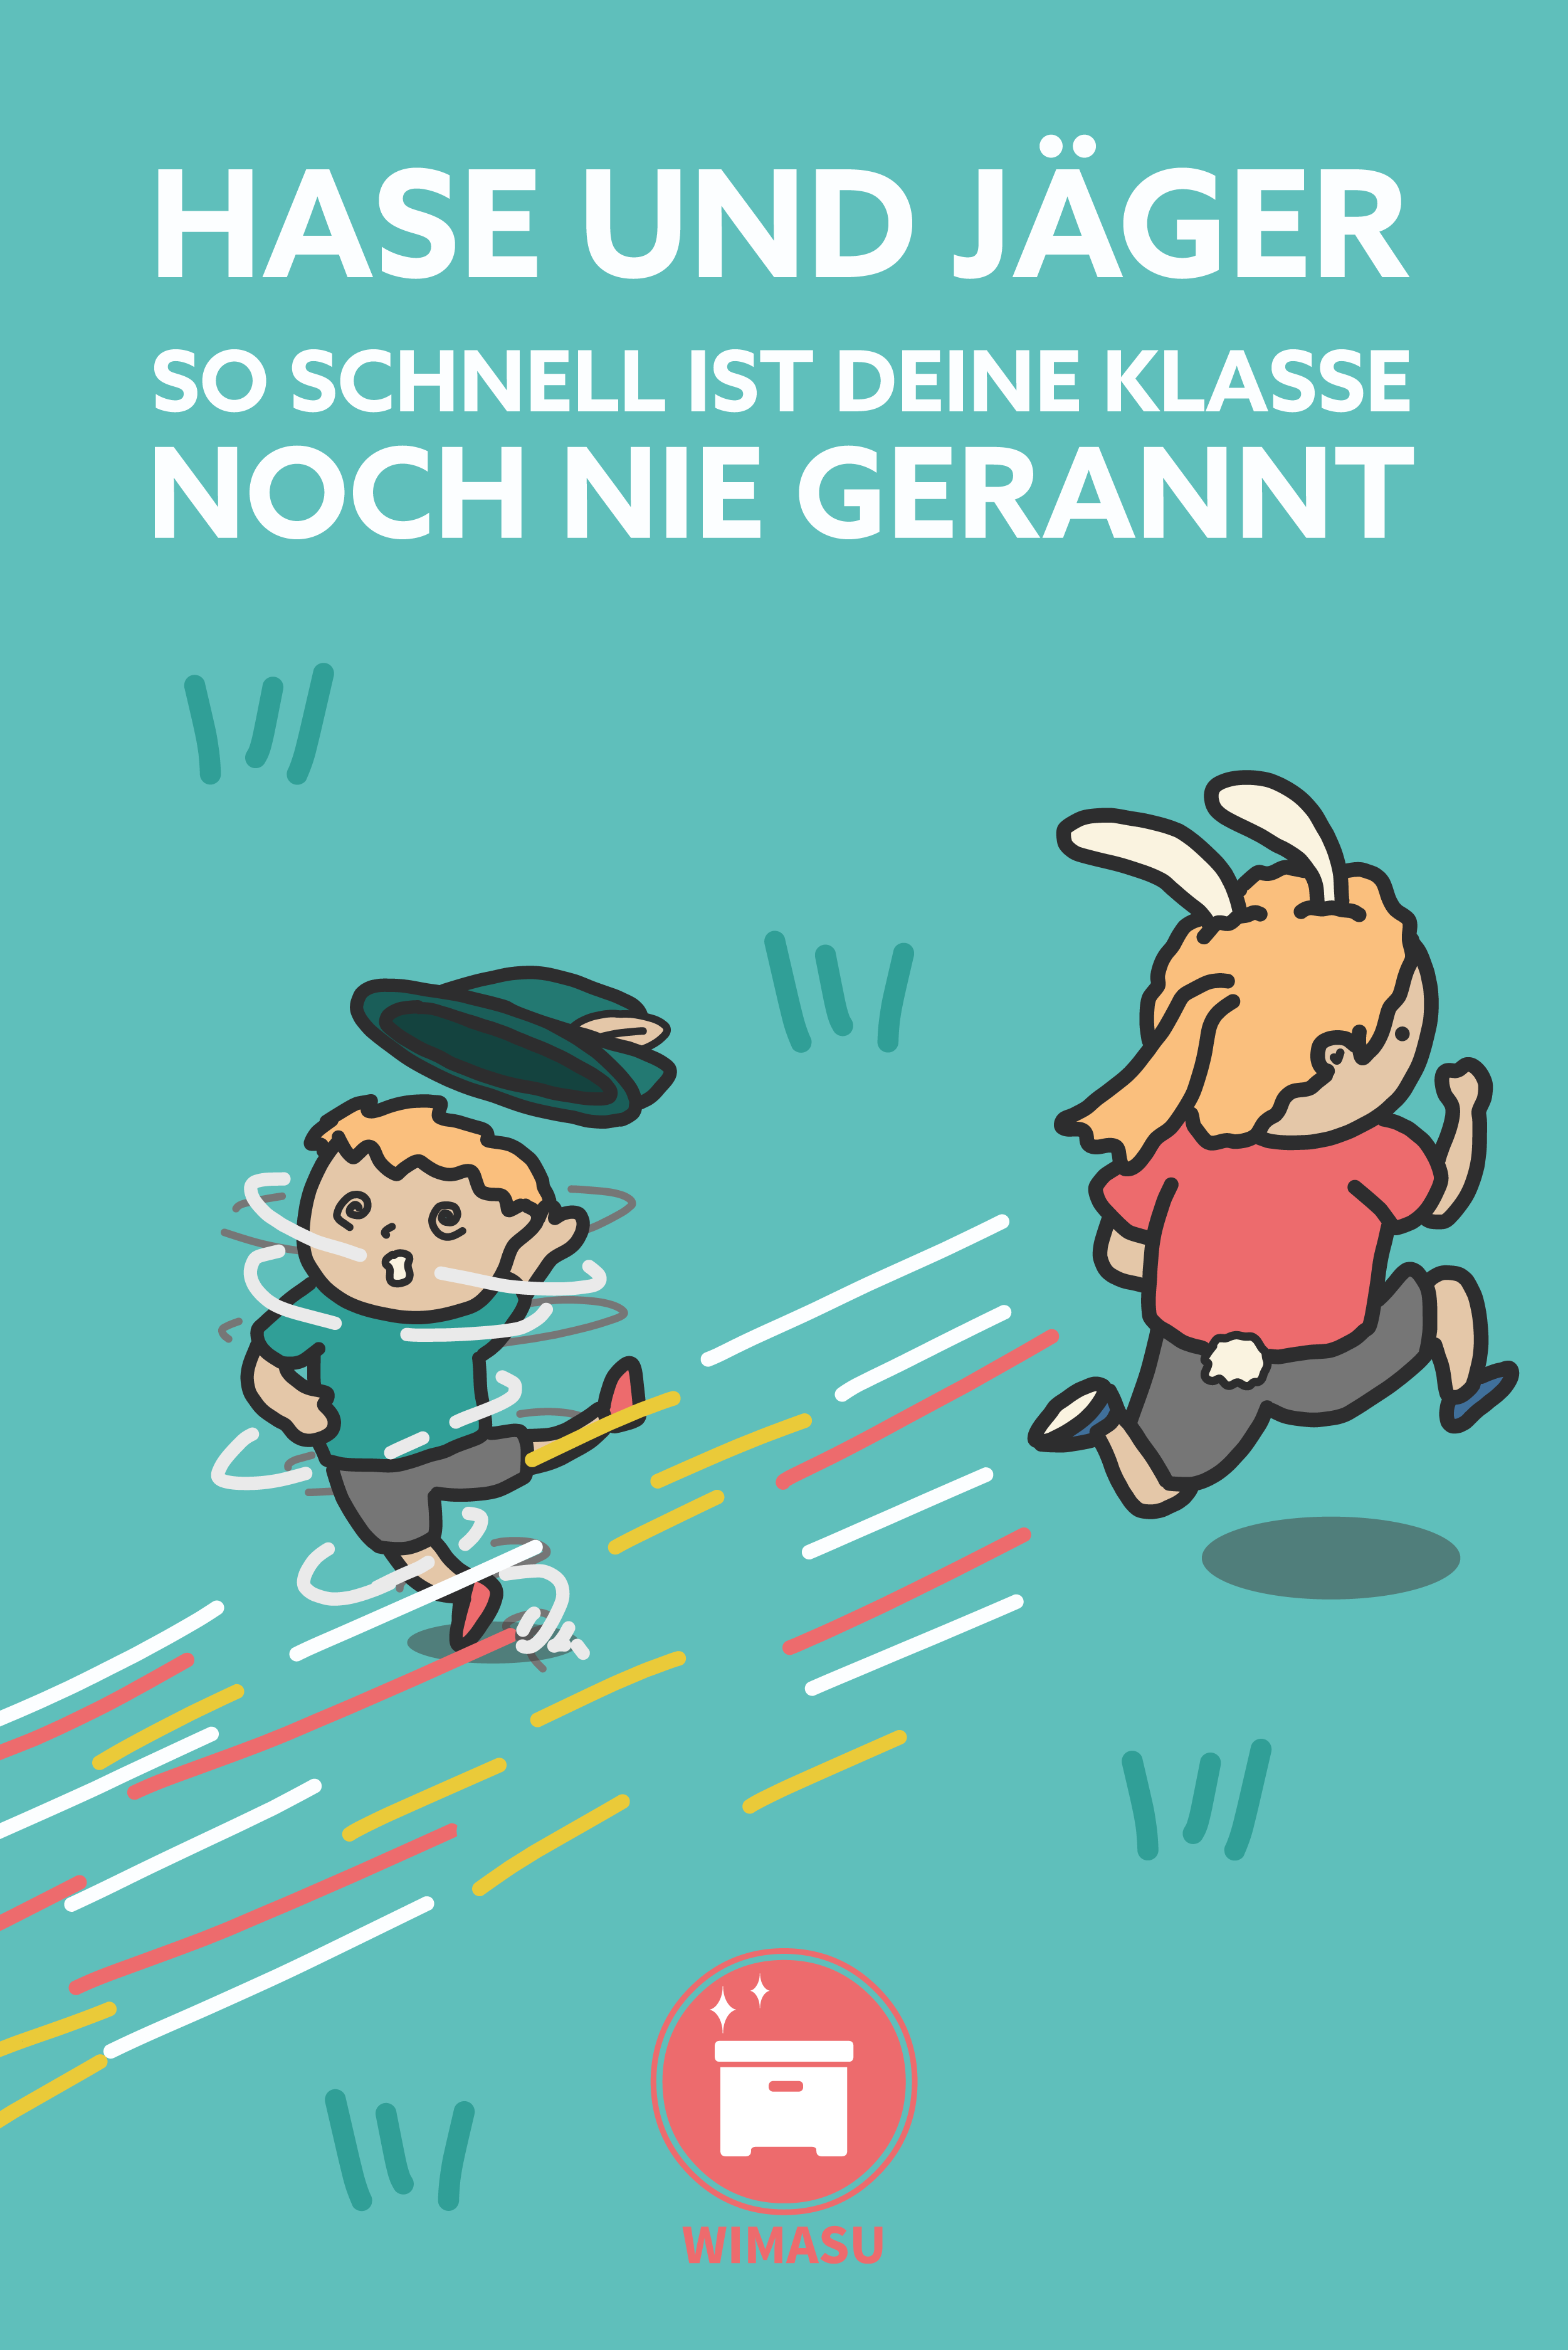 Thema Kleine Spiele - Sportpädagogik-Online - blogger.com